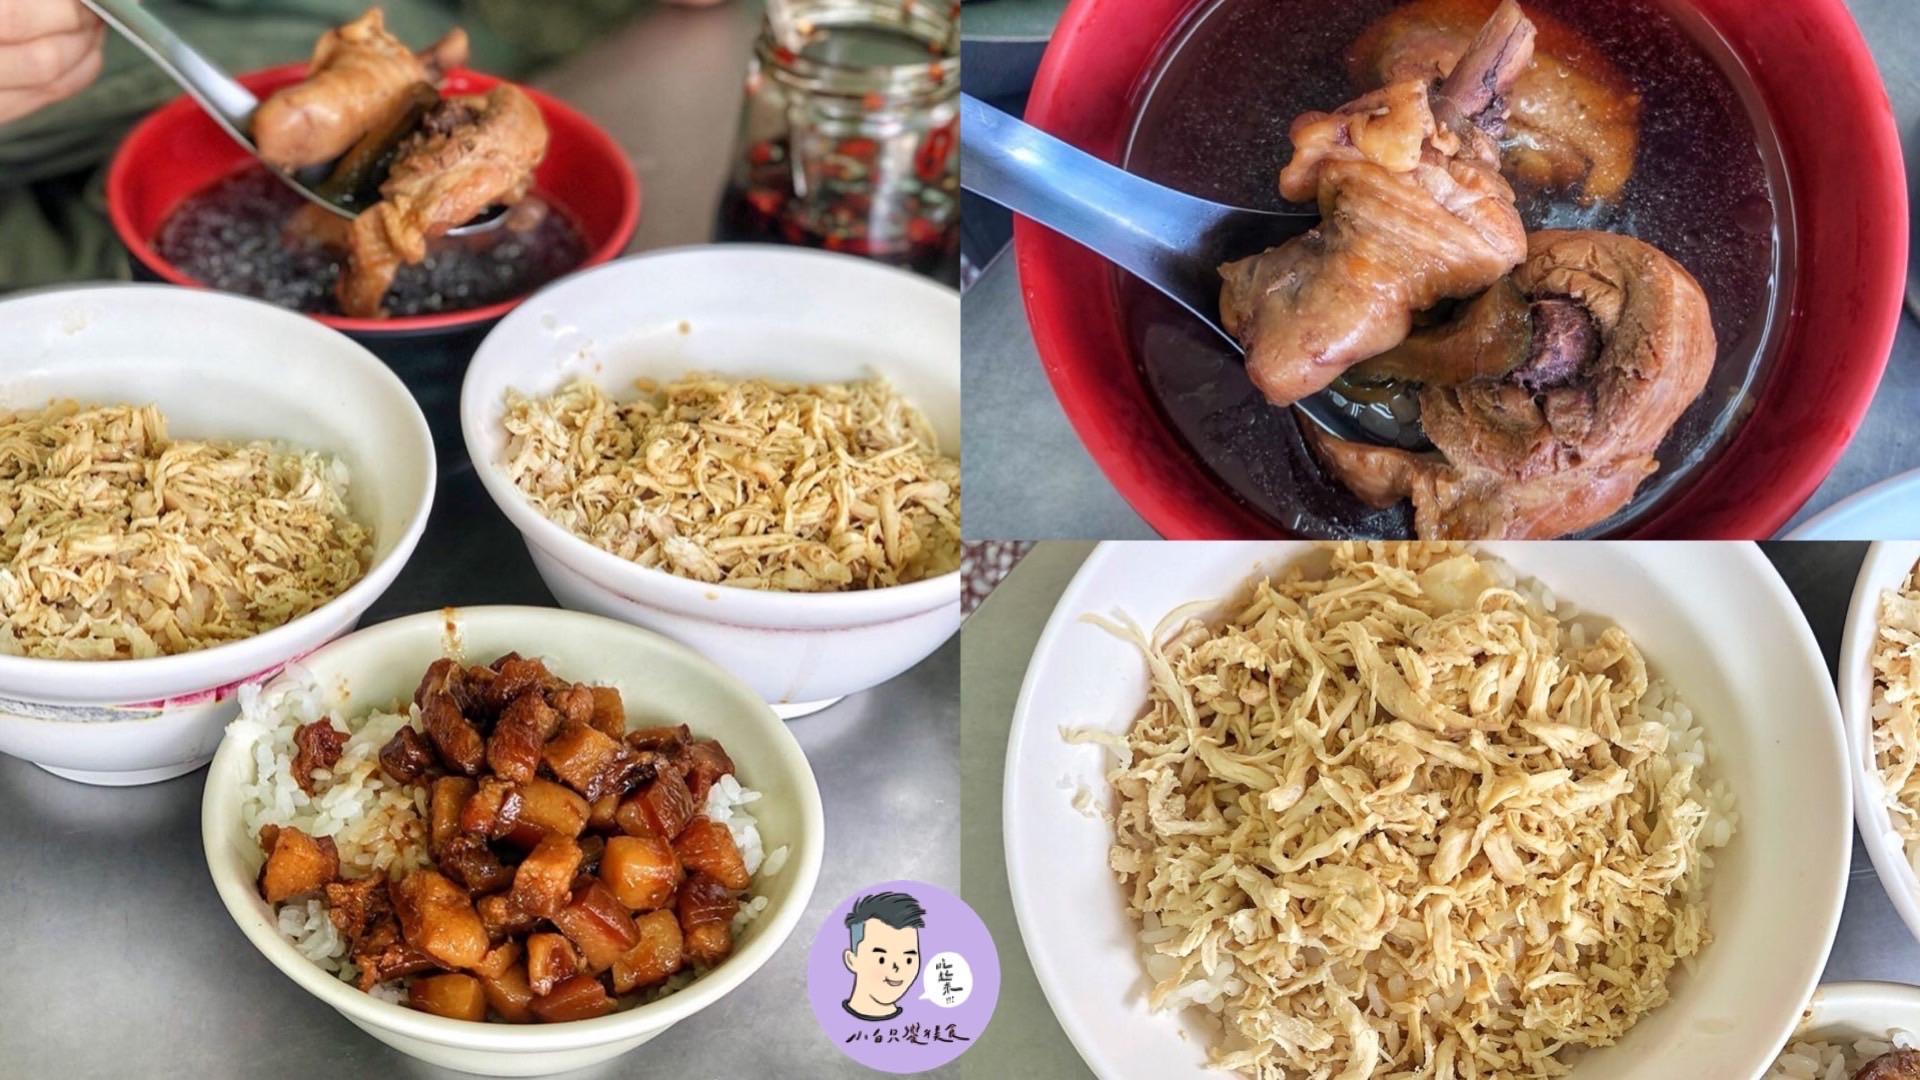 【台南美食】後甲嘉義雞肉飯 裕農路平價雞肉飯 瓜仔雞湯必點!用餐時段一位難求生意超好